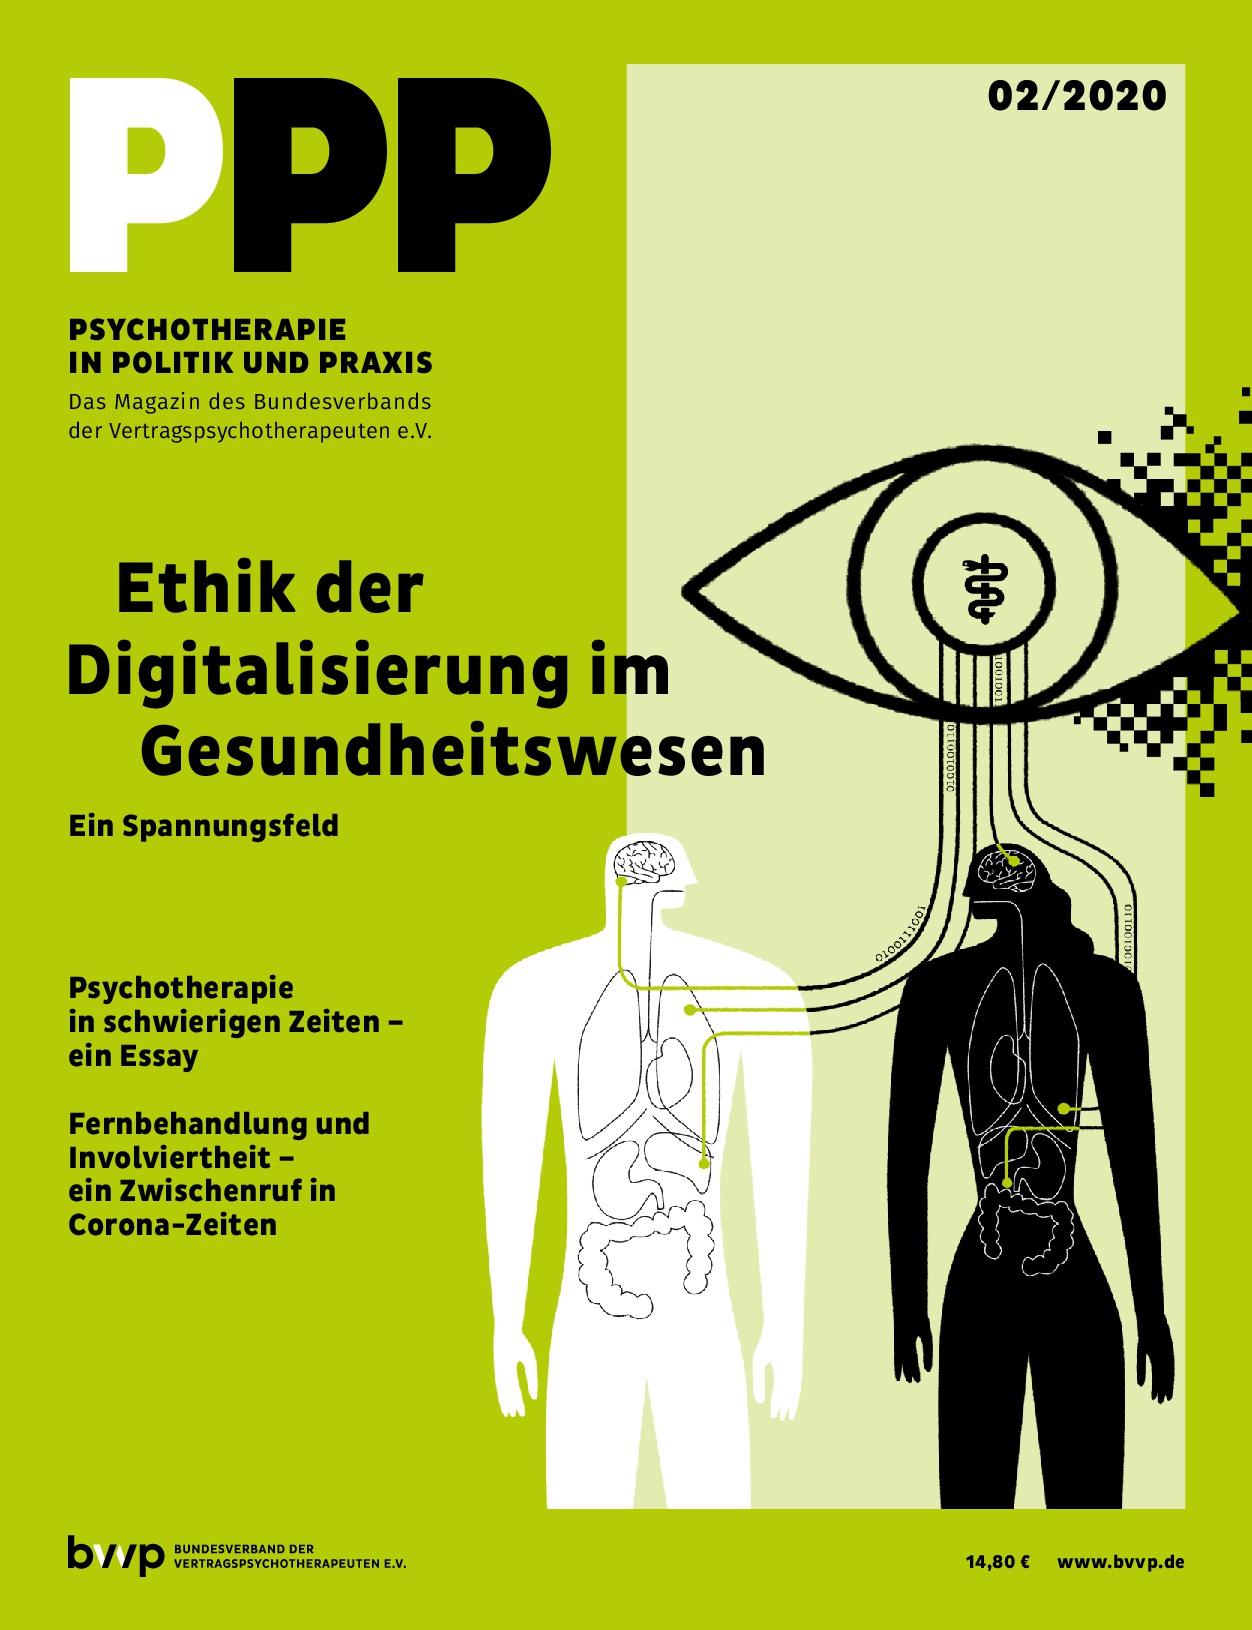 Psychotherapie in Politik und Praxis 02/2020